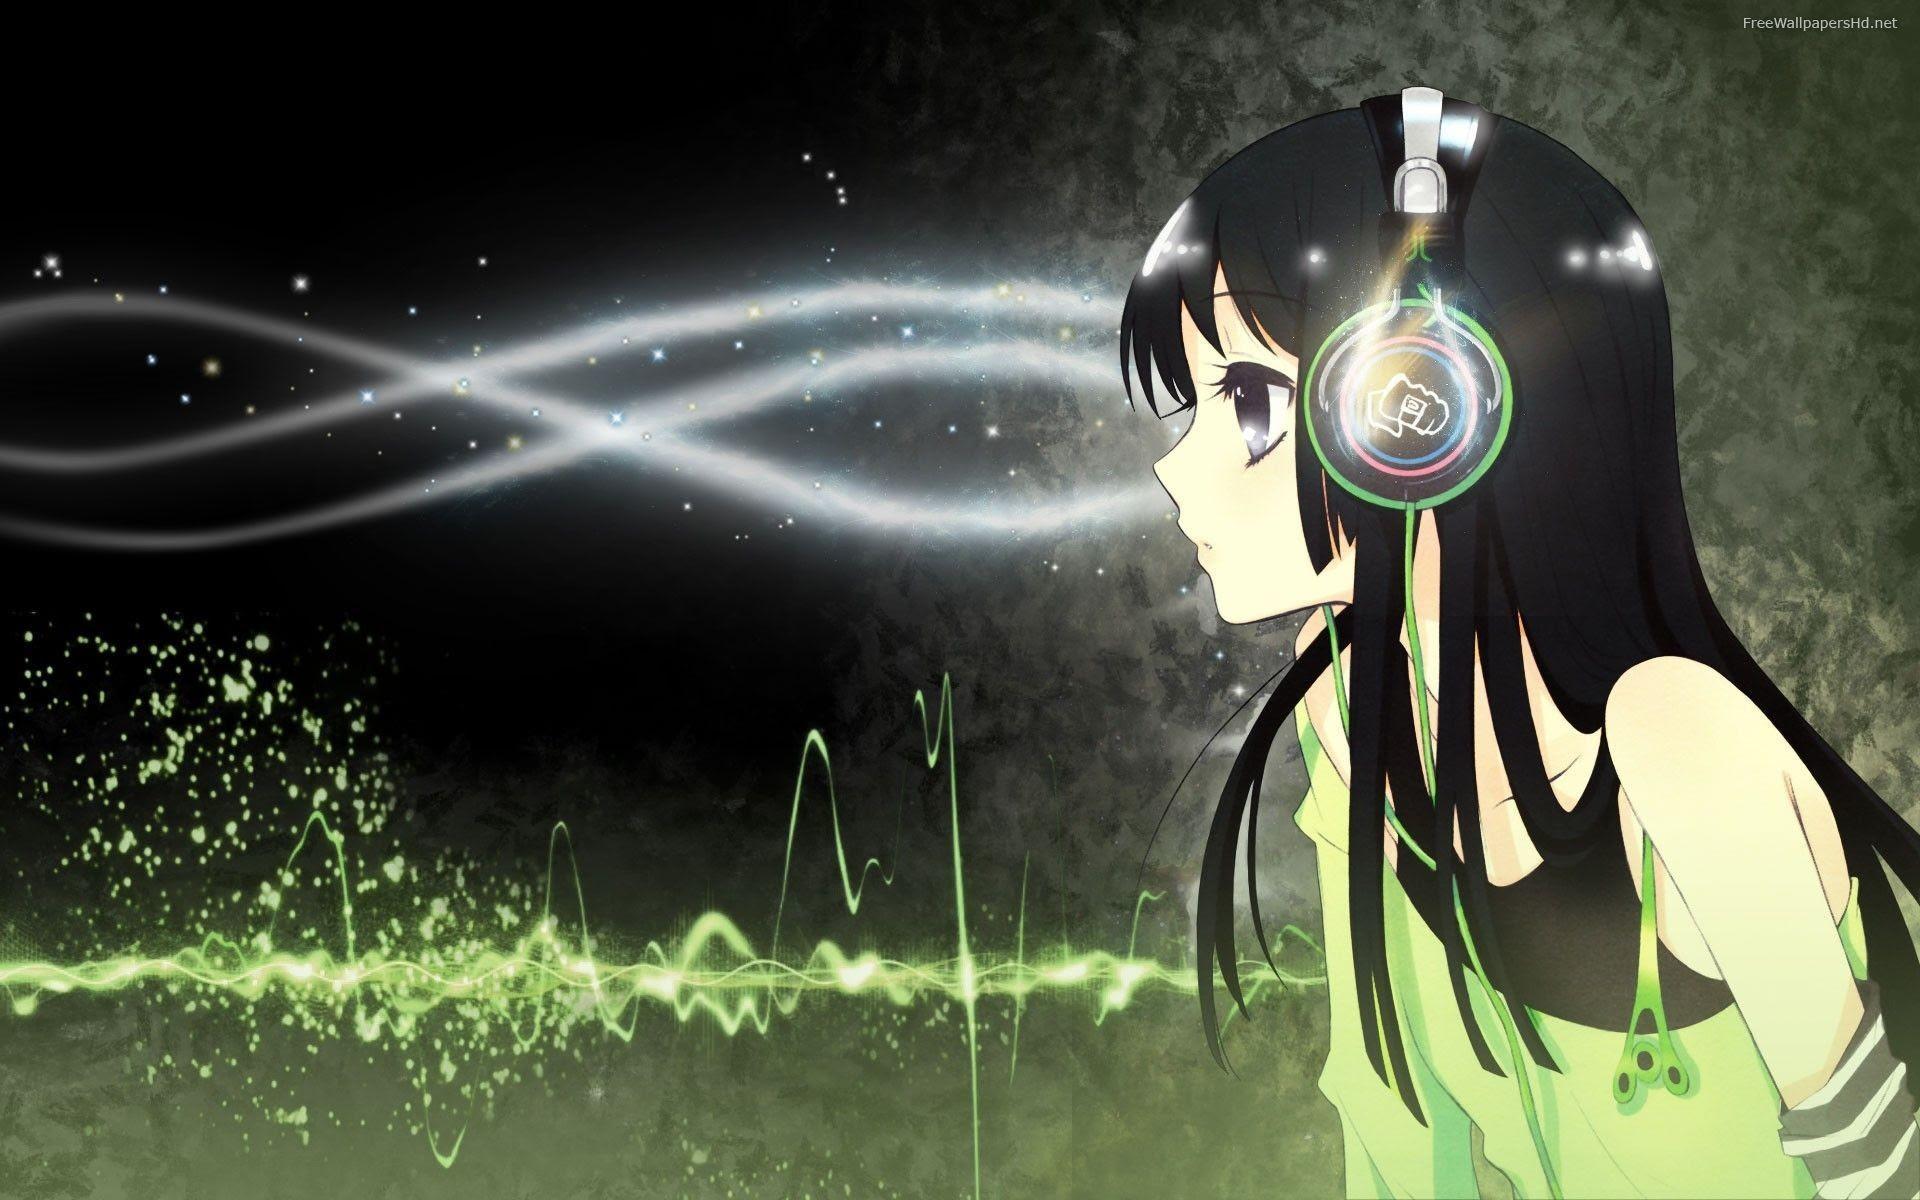 Unduh 9800 Koleksi Wallpaper Anime Hd For Pc Gratis Terbaru